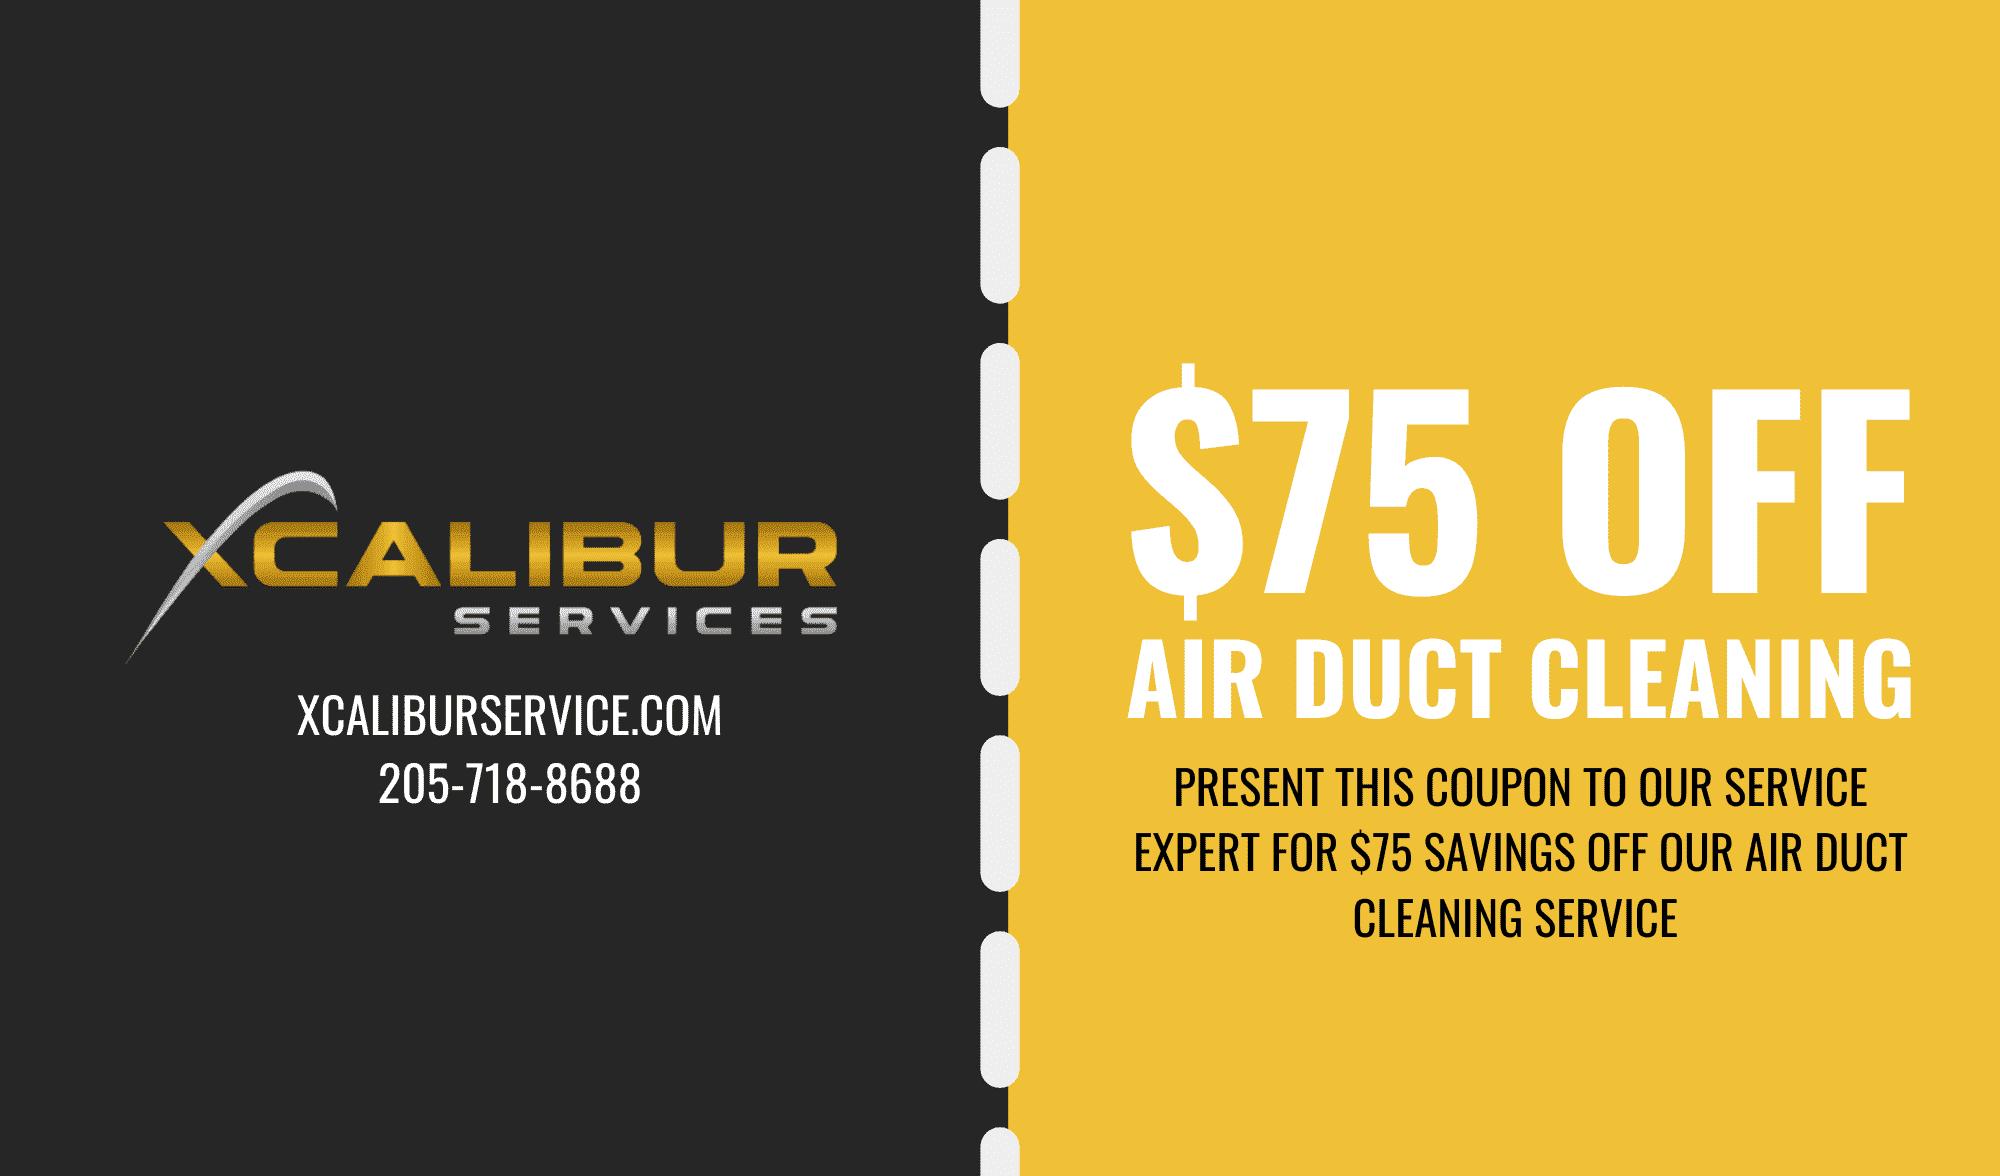 xcalibur_coupon1